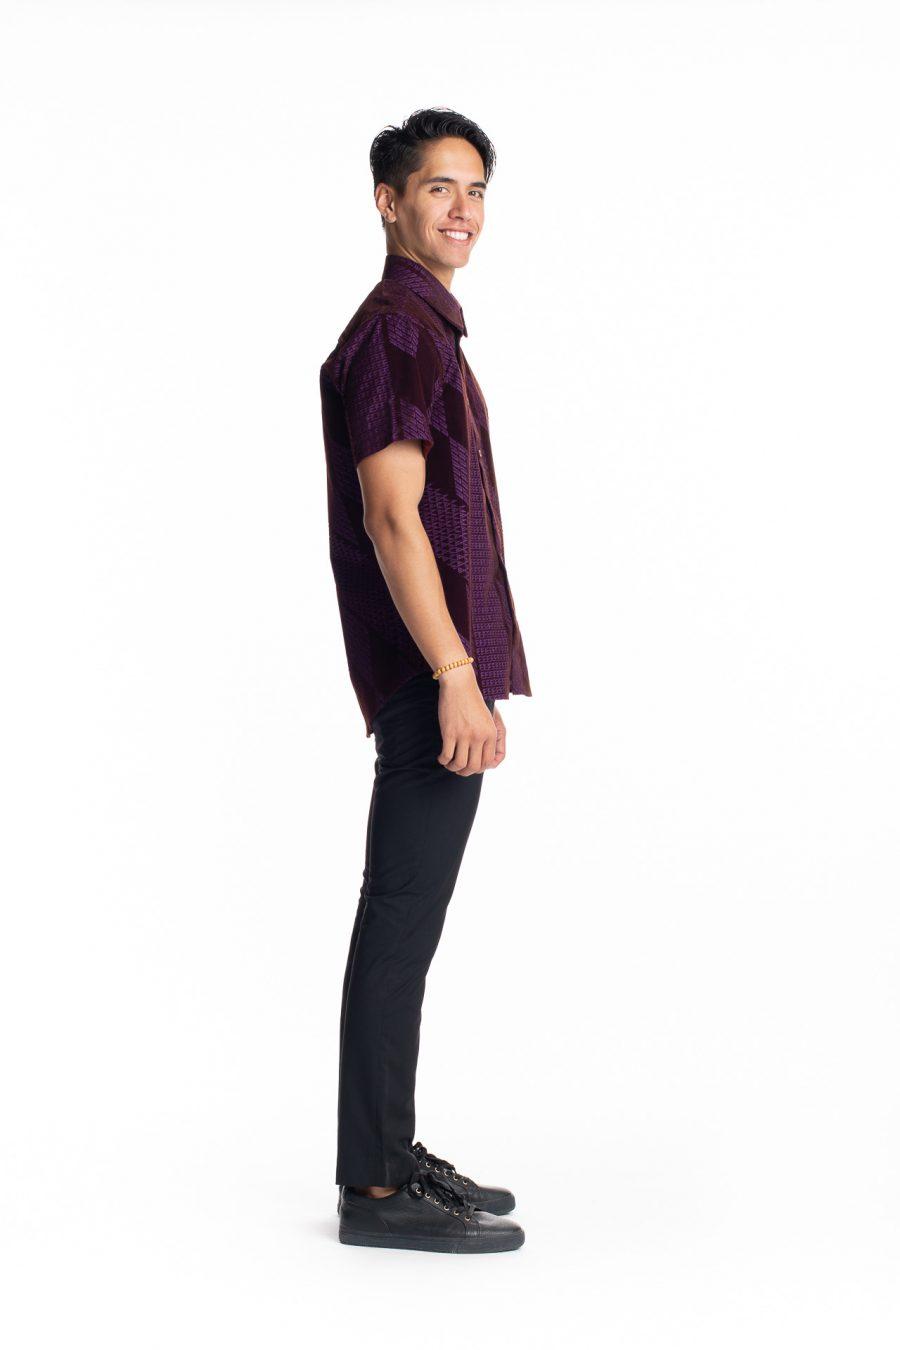 Male model wearing Aloha Short Sleeve in Purple Kamehameha - Side View